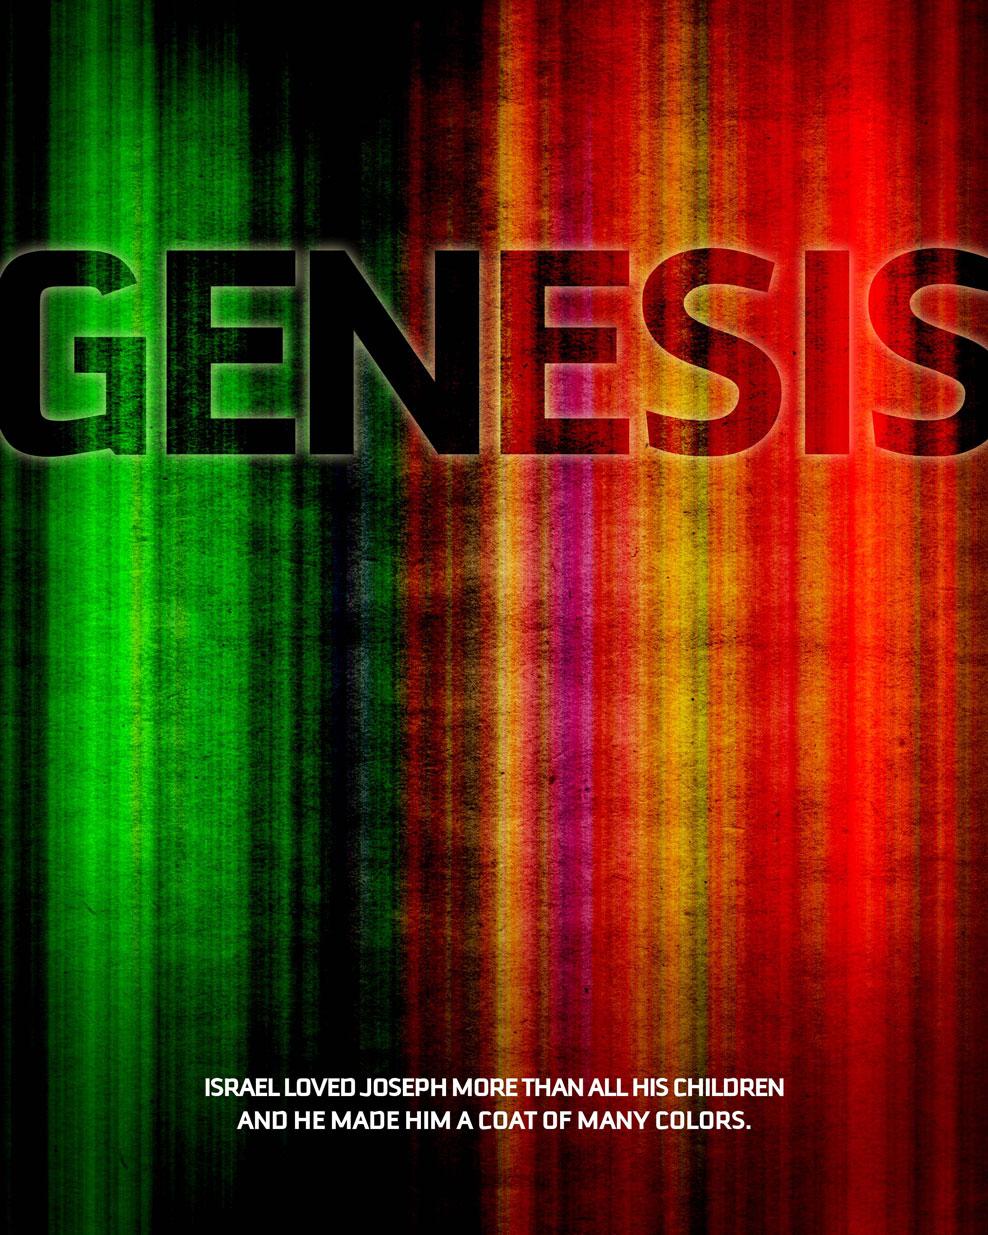 Word-8x10_01-Genesis-02_988.jpg